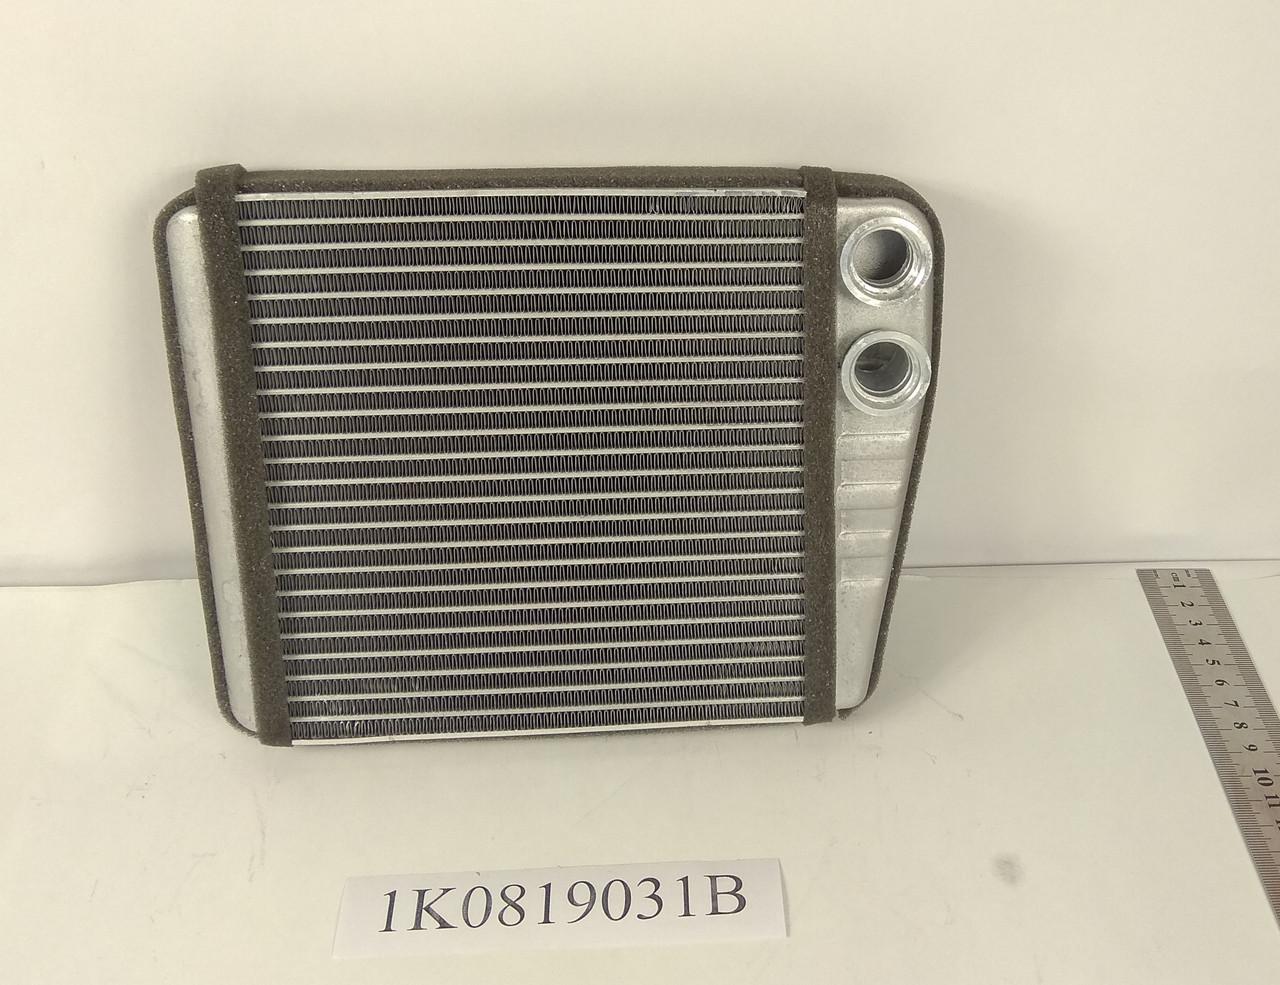 Радиатор печки Skoda Superb 2 2008- (180*187мм по сотах) KEMP